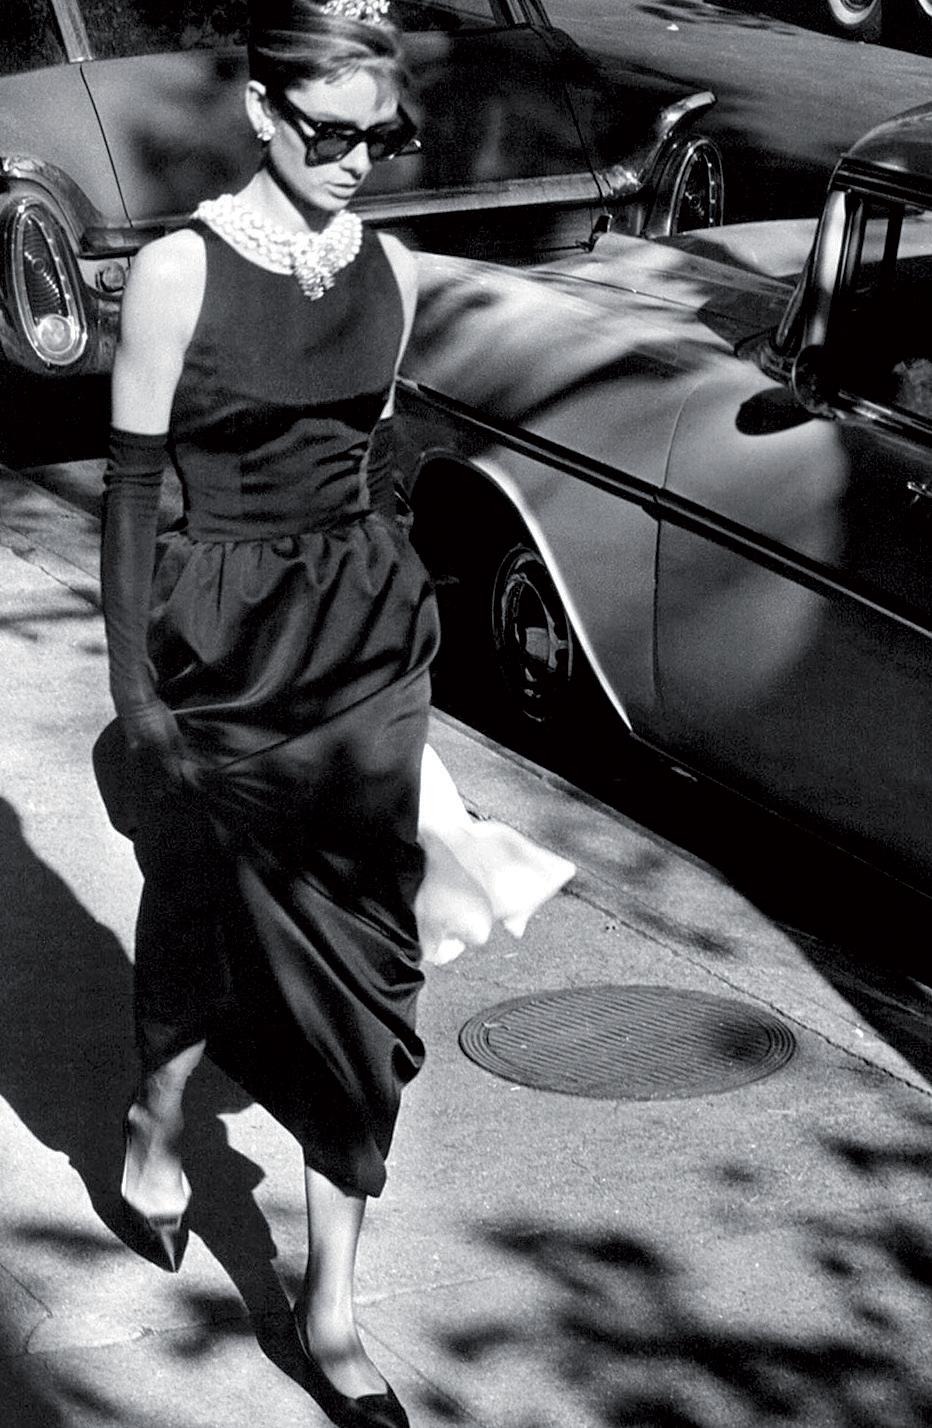 Thiết kế của Givenchy cho Audrey Hepburn mặc trong Breakfast at Tiffany's đã trở thành chiếc đầm đen nổi tiếng nhất mọi thời đại